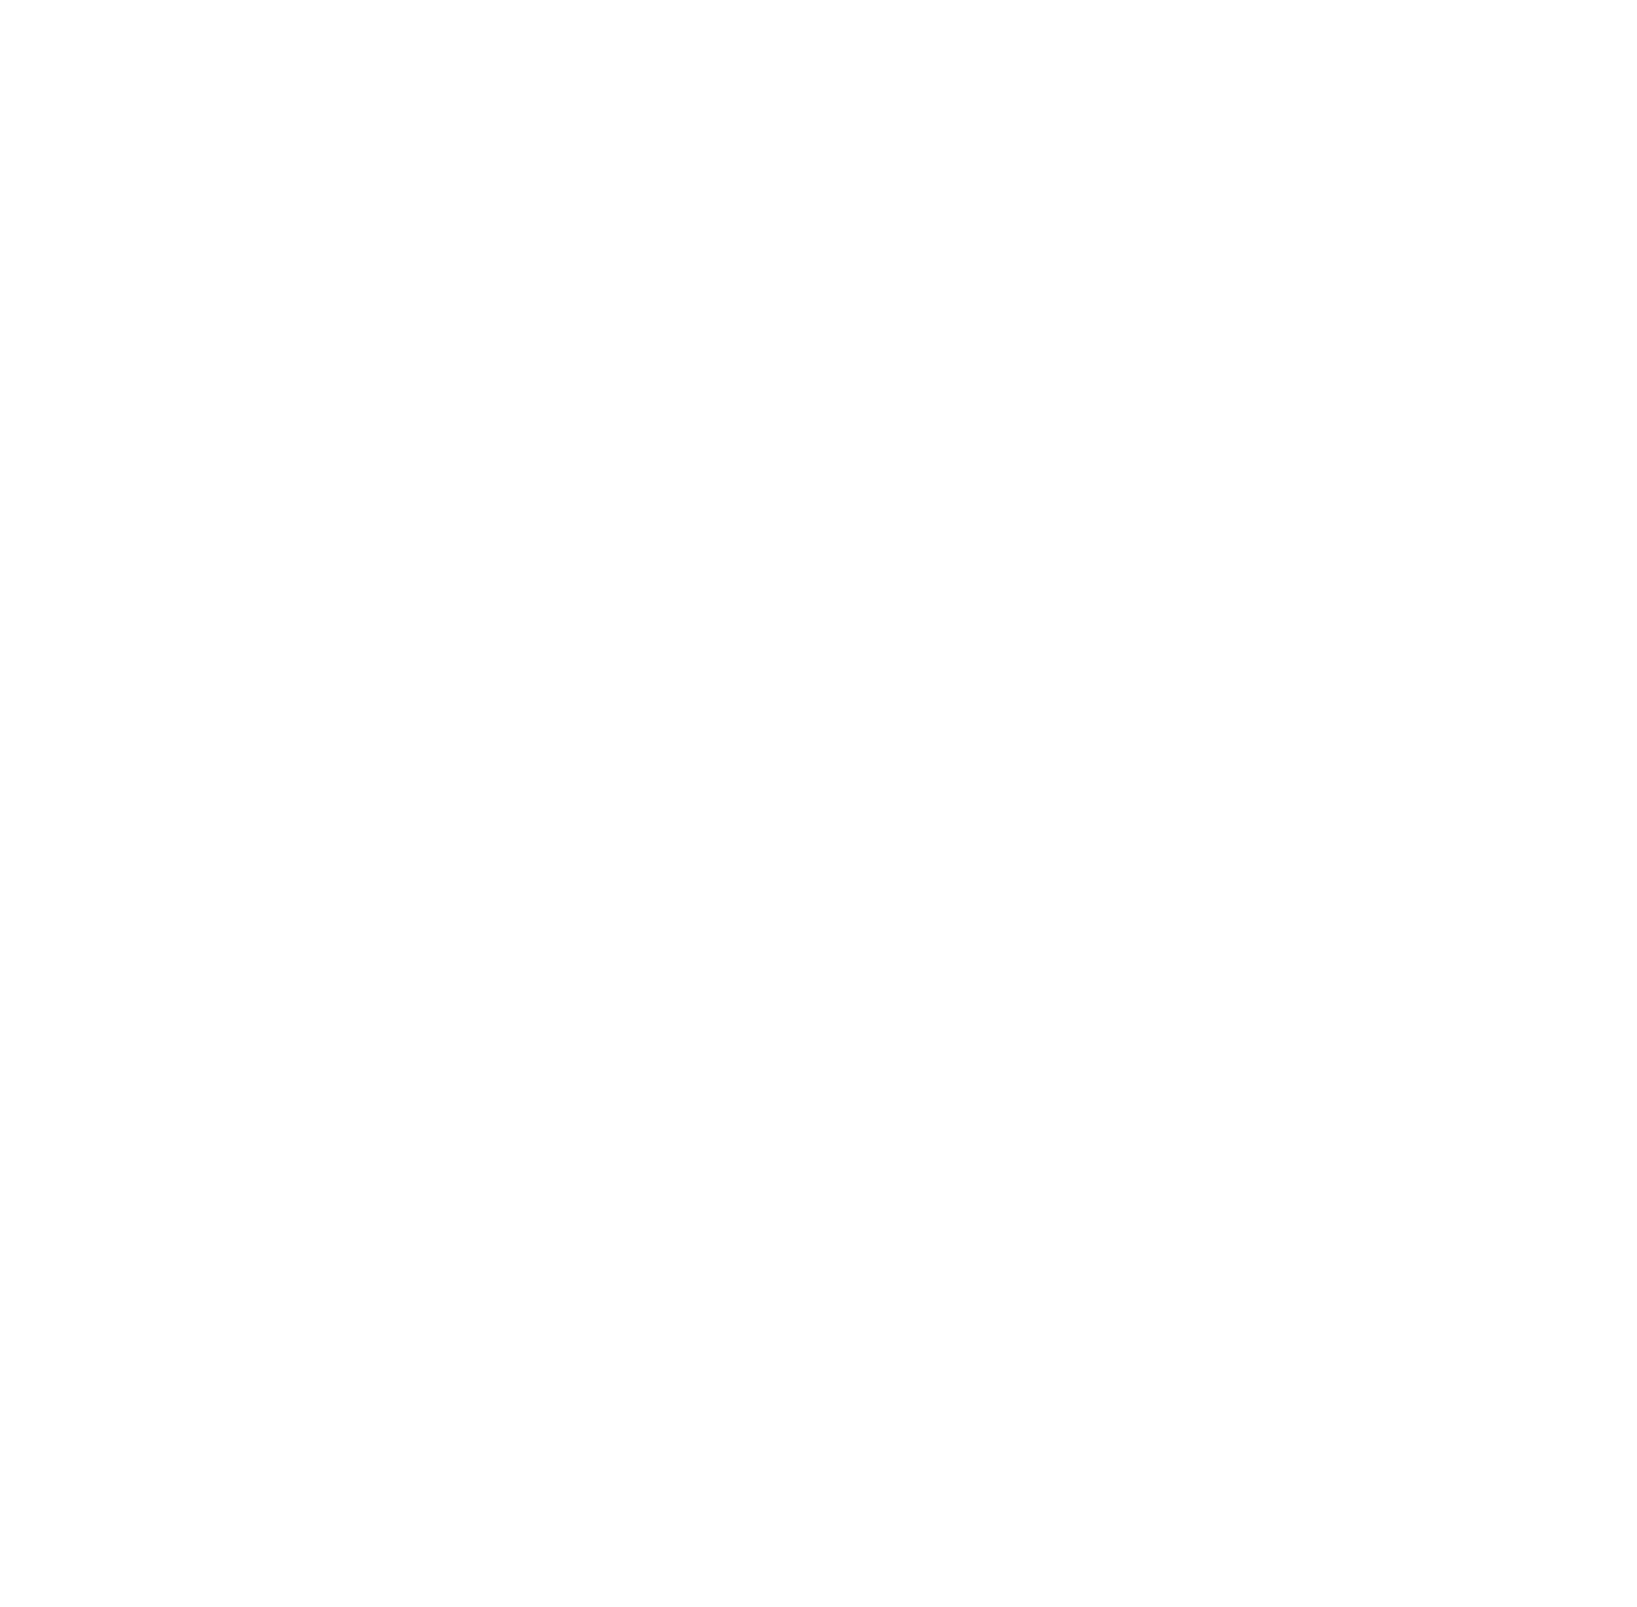 LS_circular-logo-URL_reverse.png